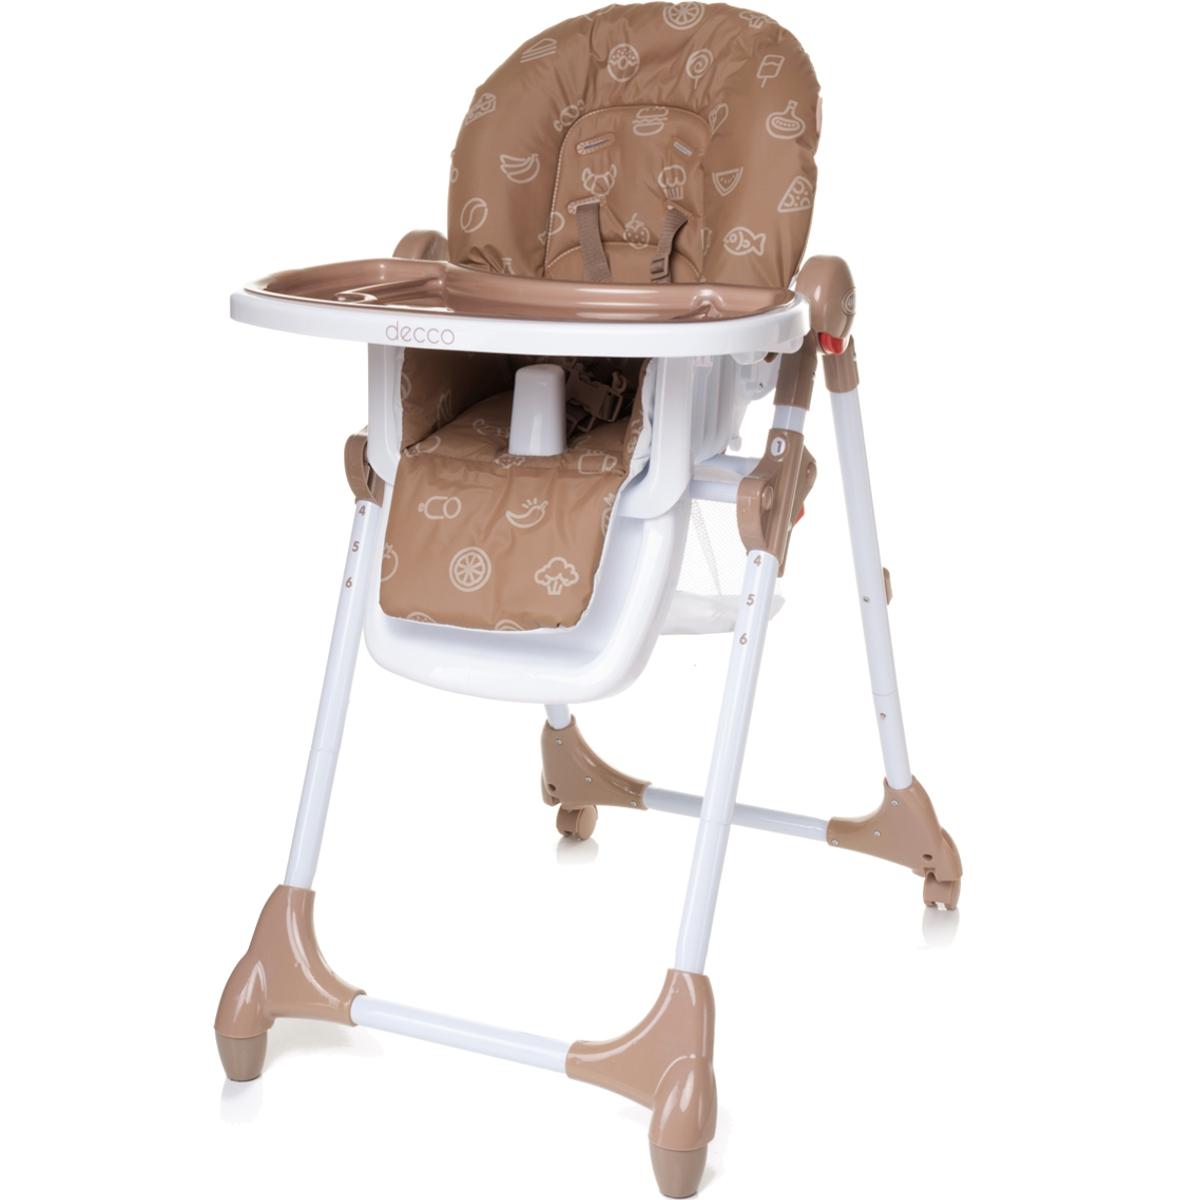 Kinderhochstühle hochstuhl decco kinderhochstuhl babyhochstuhl kindersitz baby kinder